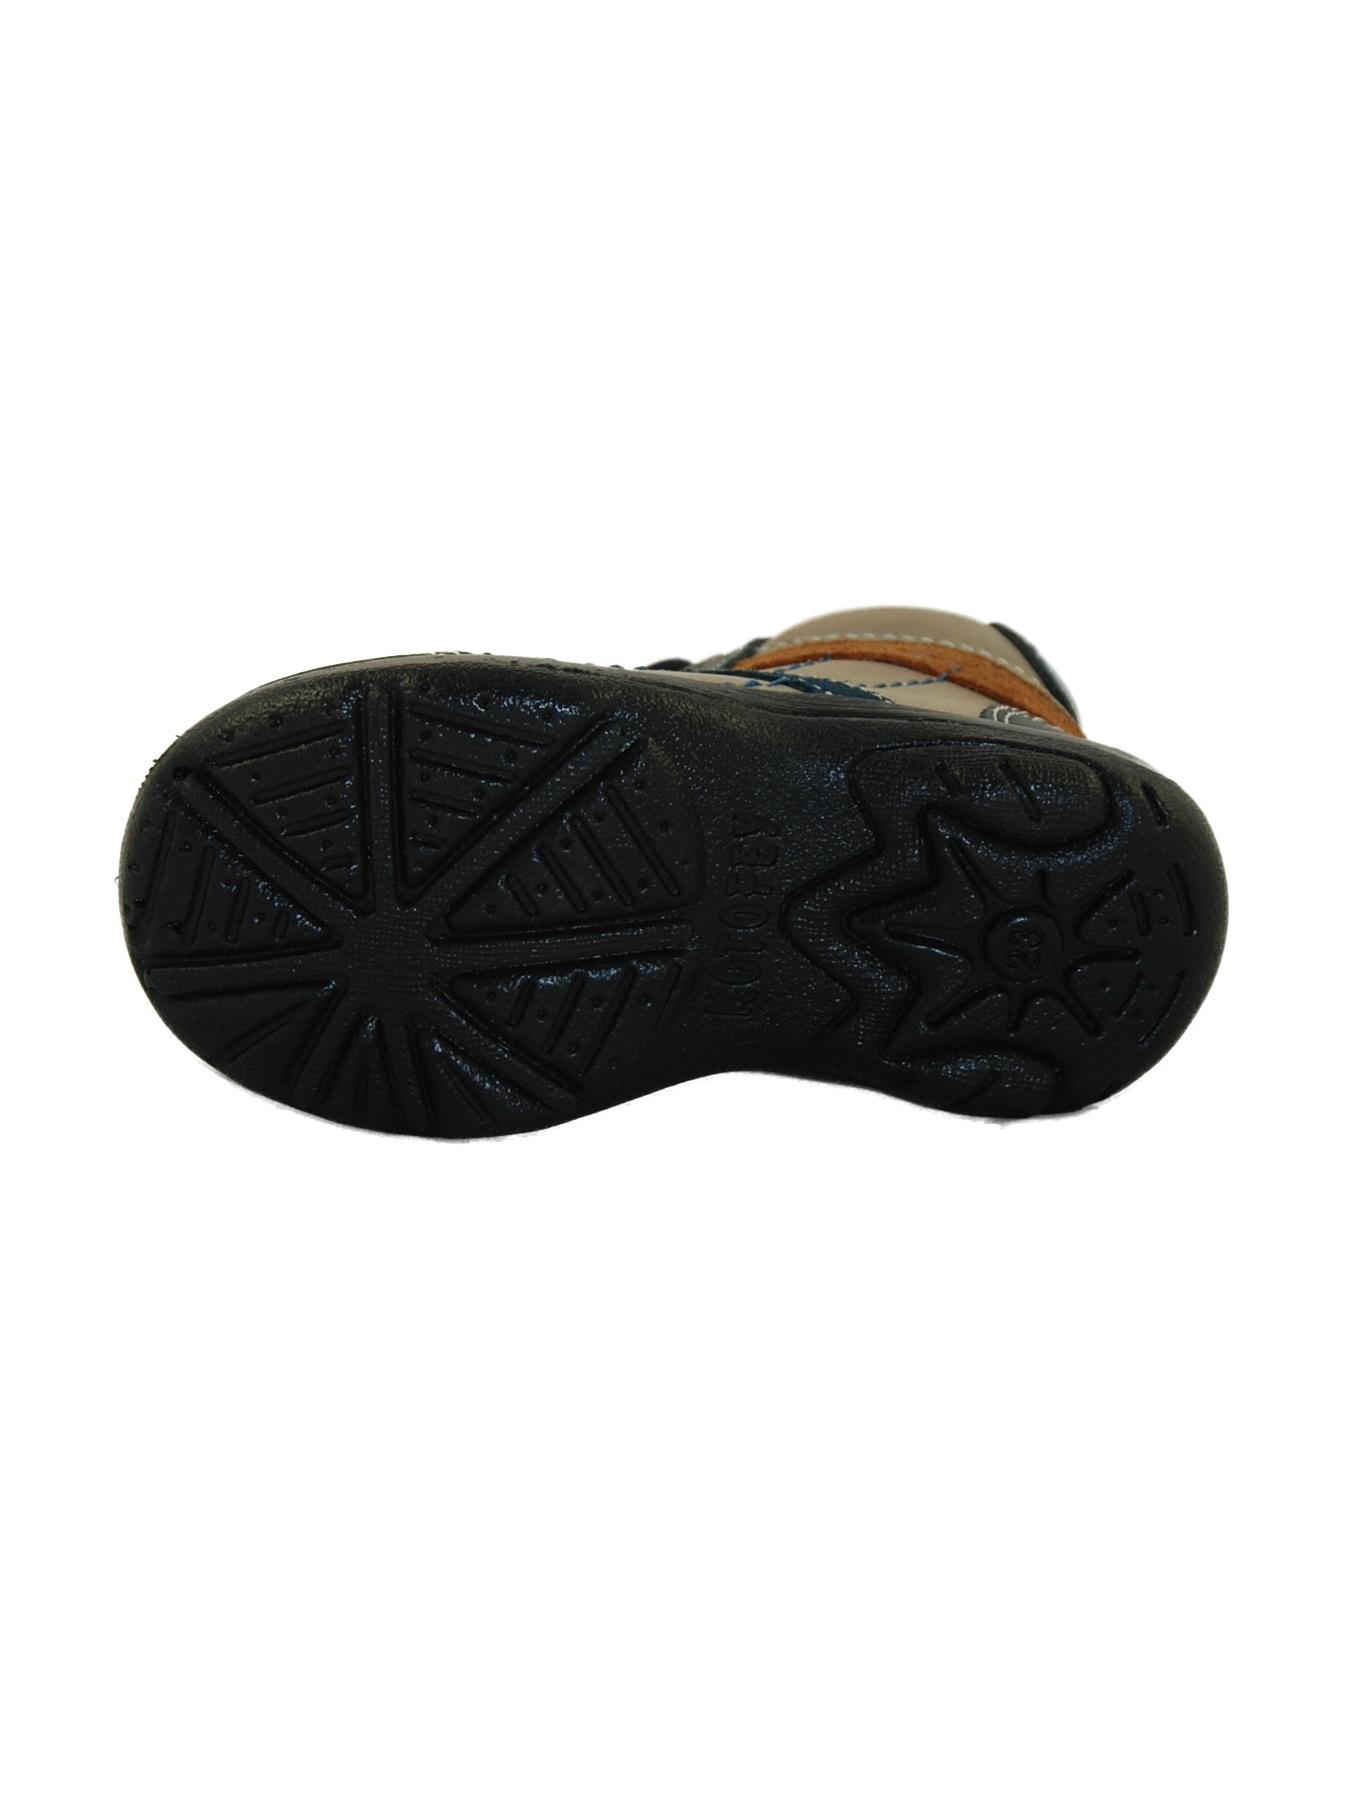 Дизайнеры одежды и обуви